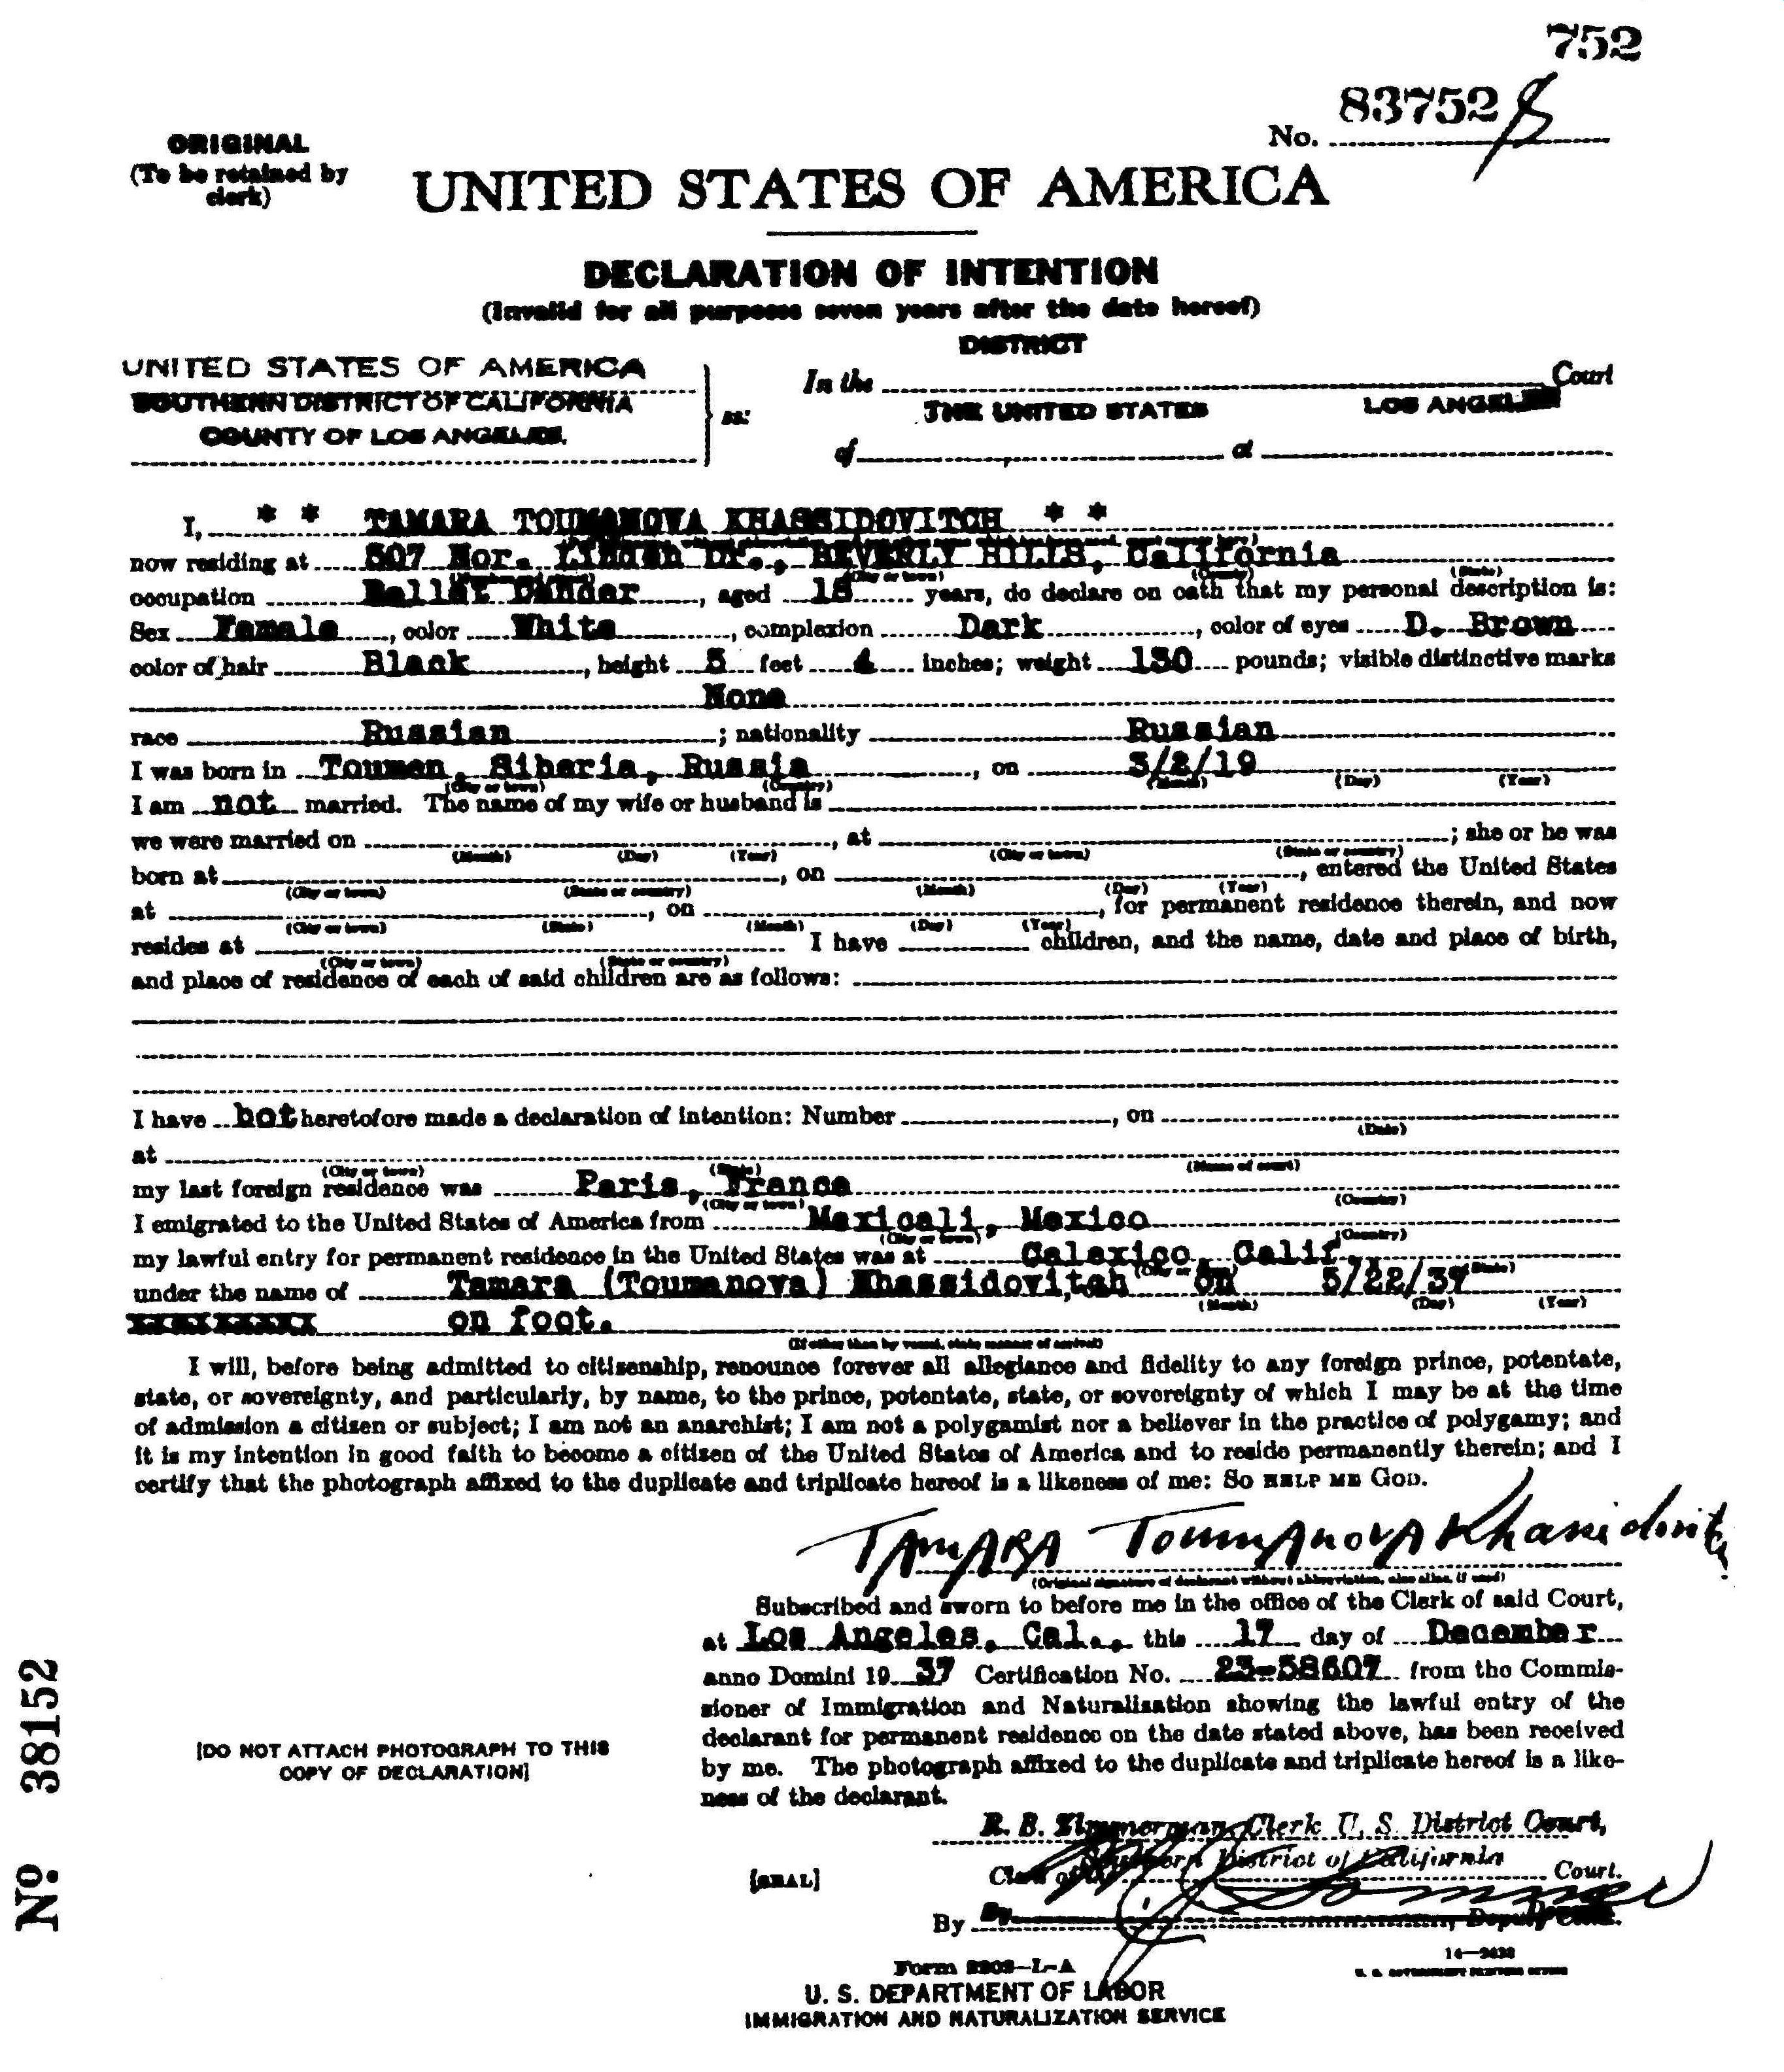 Photo: Tamara Toumanova Khassidovitch   Анкеты заполненые Тамарой, Евгенией и Владимиром в 1937 году. Скопировано с сайта http://ancestry.com/. Результаты поиска на указанные фамилии.